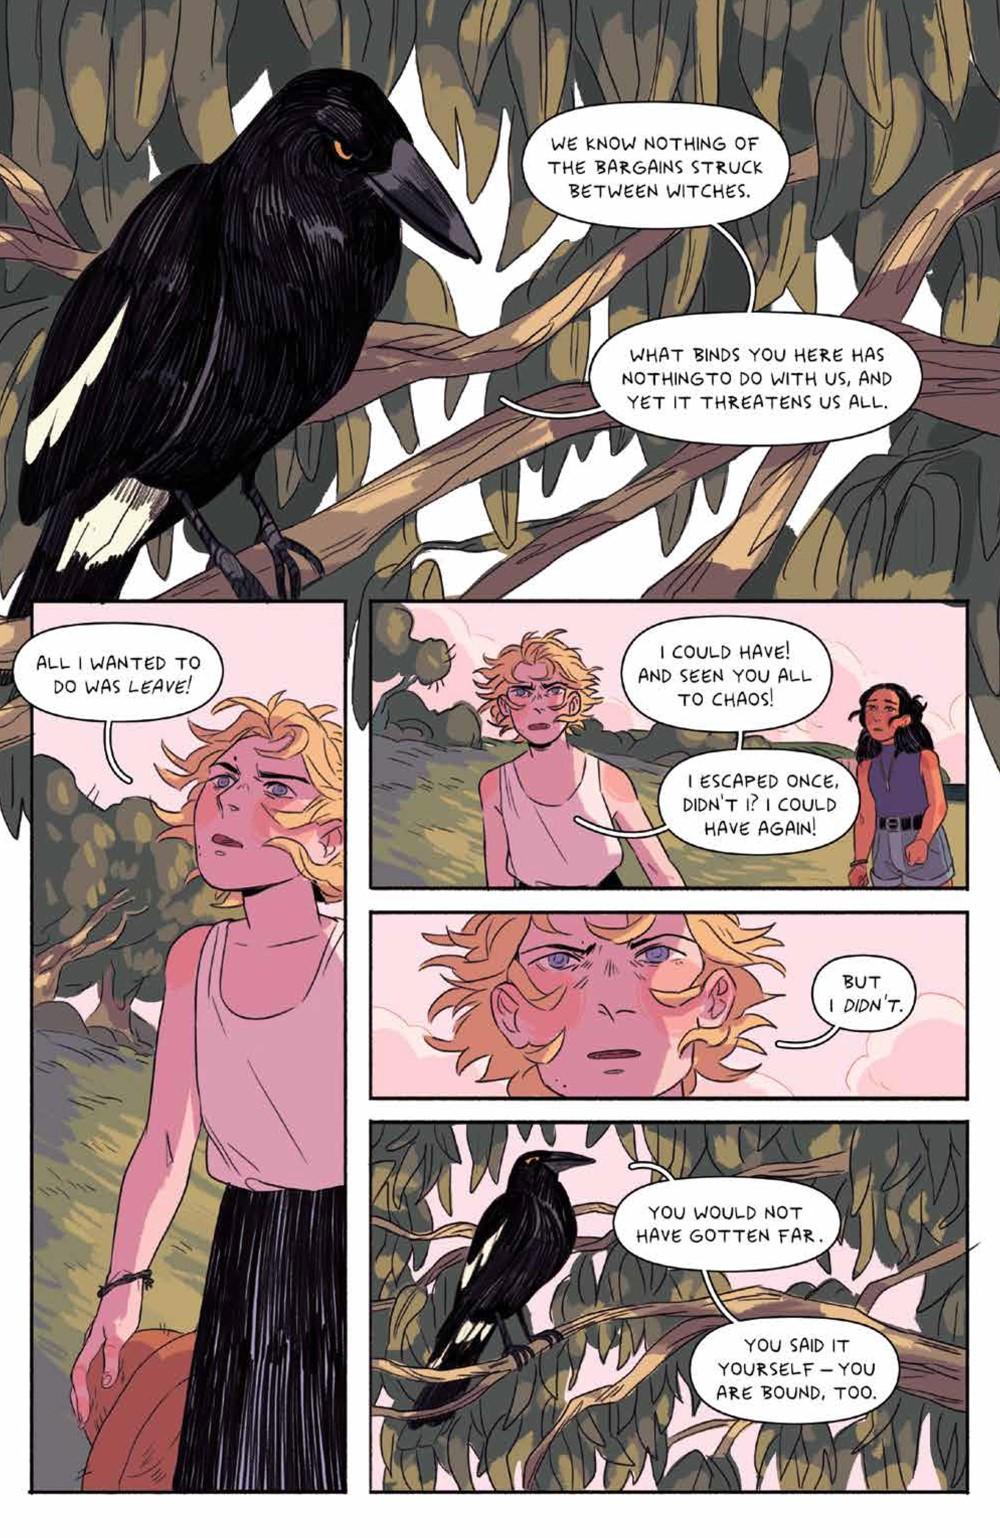 Mamo_004_PRESS_4 ComicList Previews: MAMO #4 (OF 5)